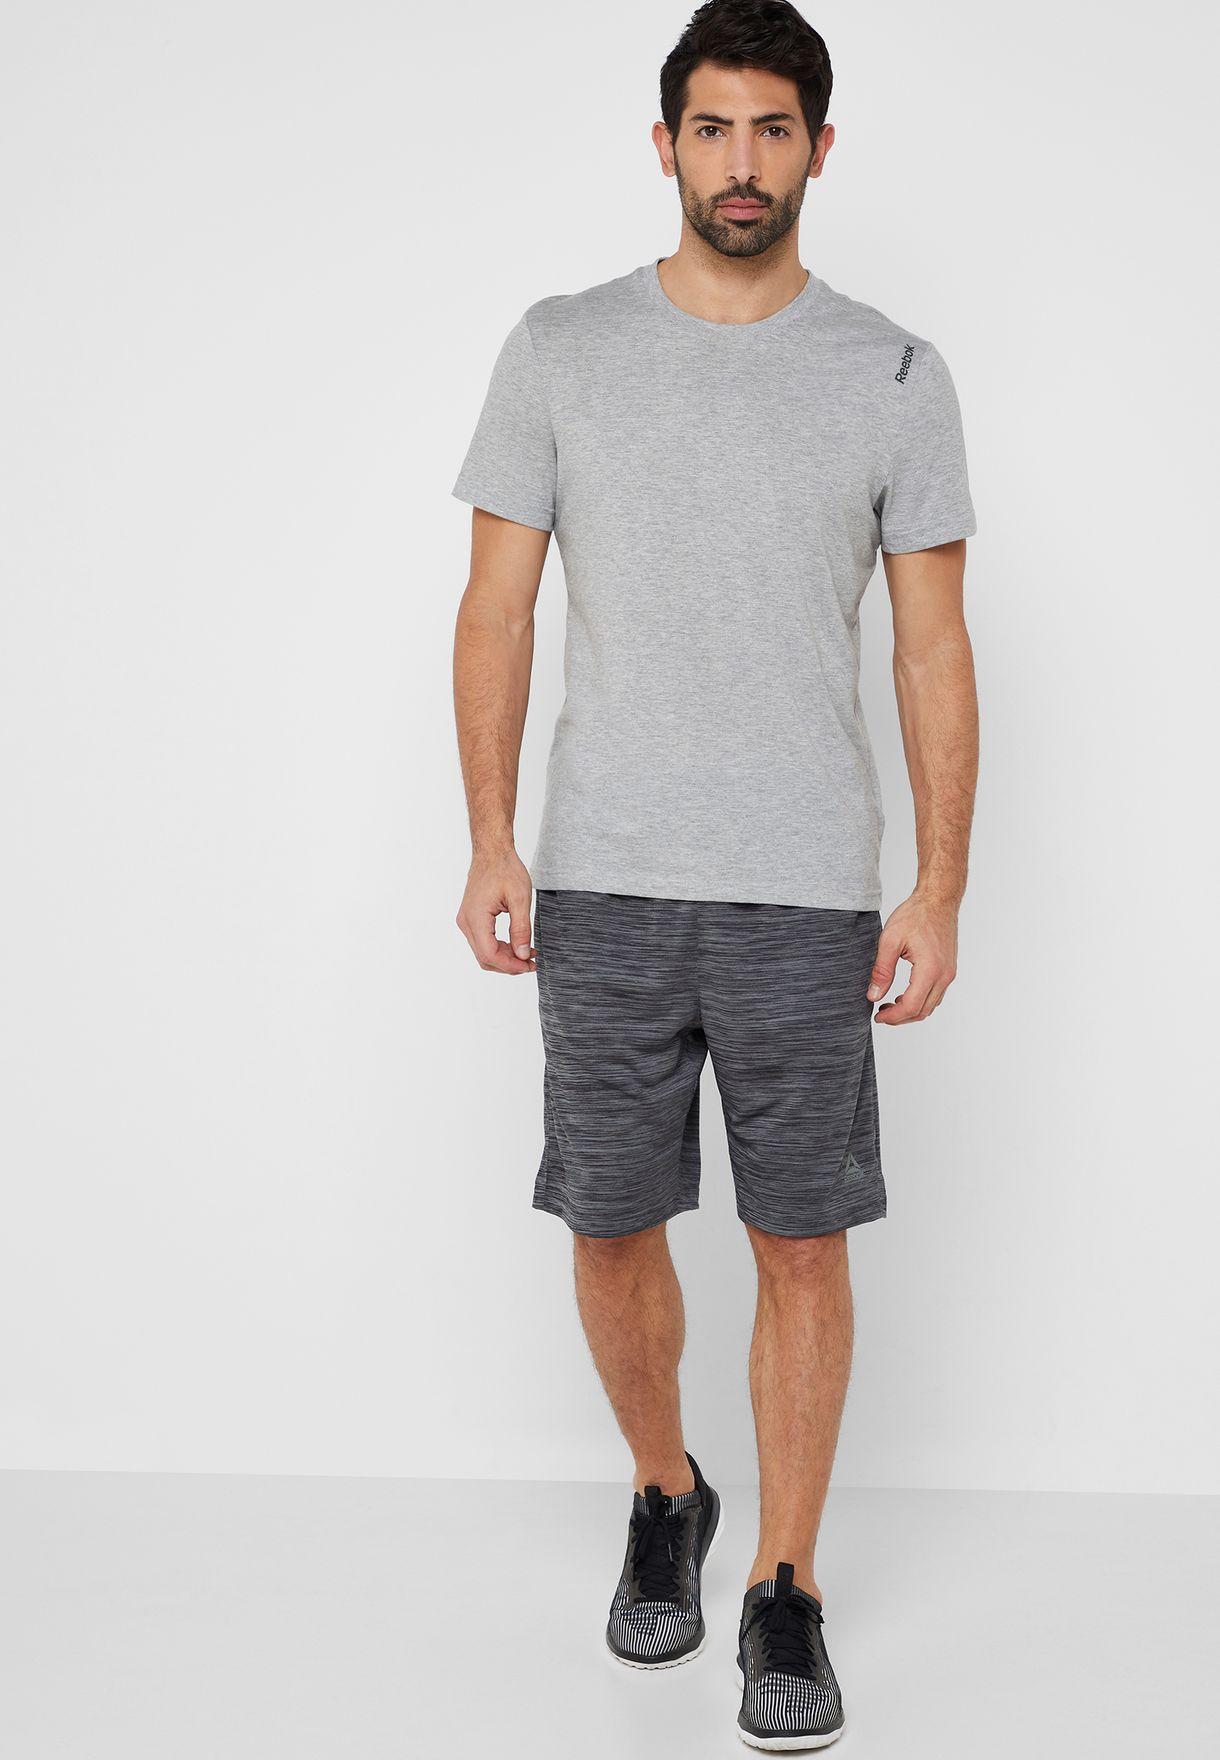 58bd4dbc8c63 Shop Reebok grey Workout Ready Knit Shorts CY3614 for Men in Saudi ...